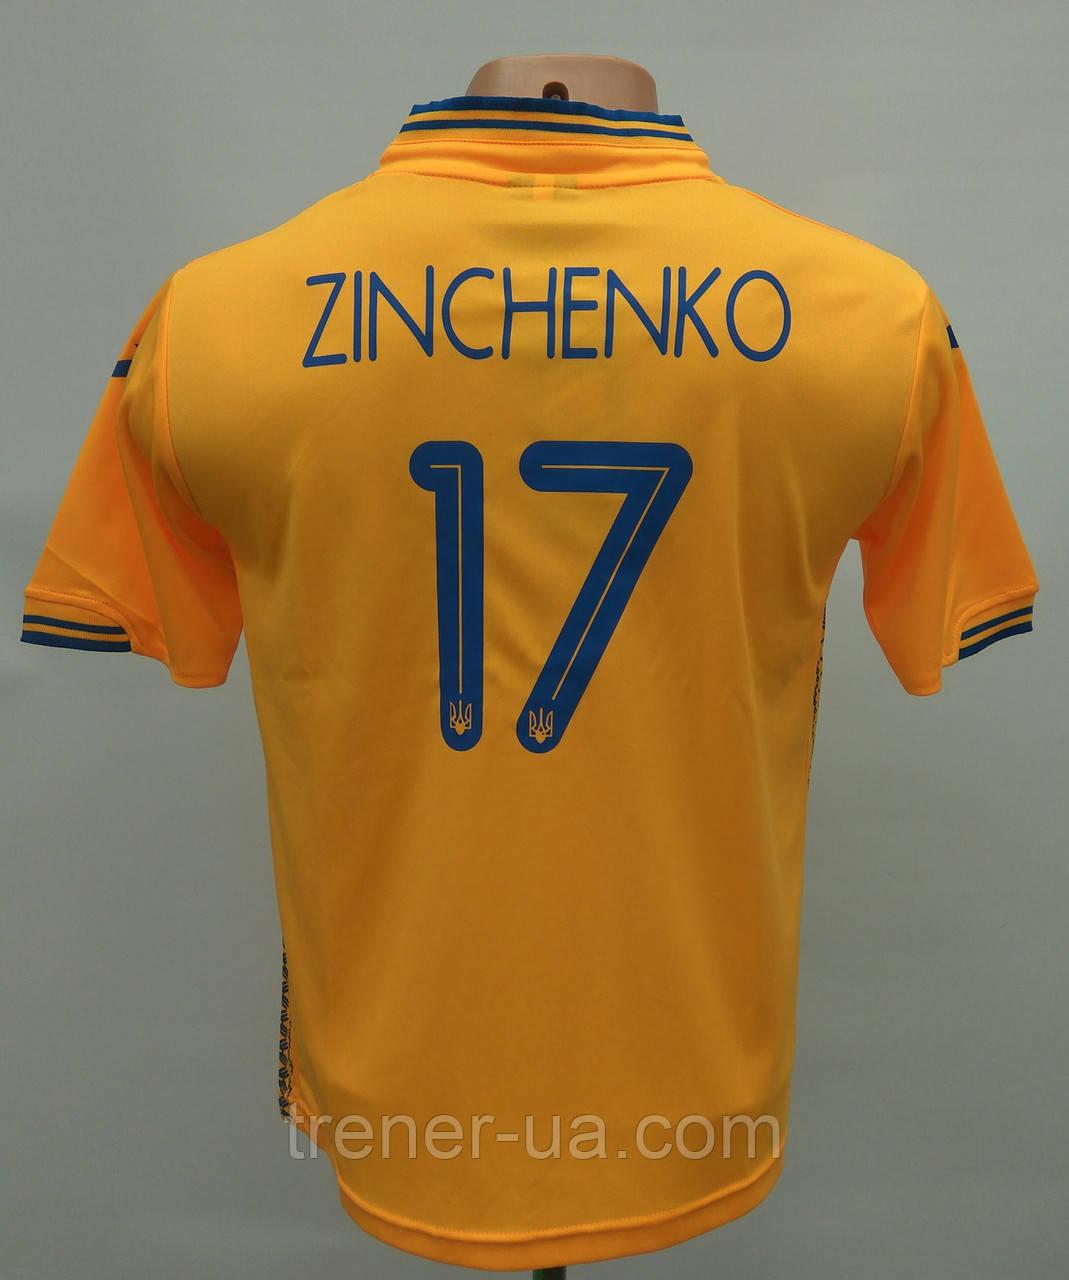 Футбольная форма детская Украина Zinchenko в стиле Joma 2019 желтая